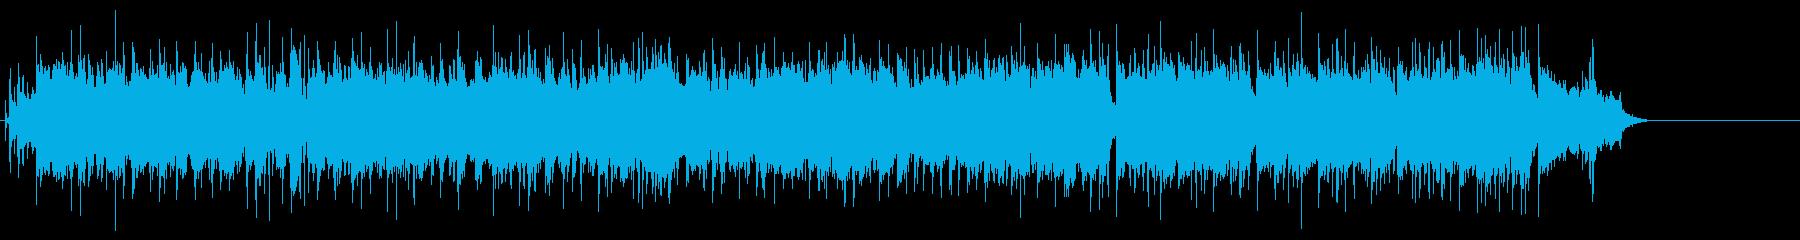 若者達のハートフルなロックポップの再生済みの波形